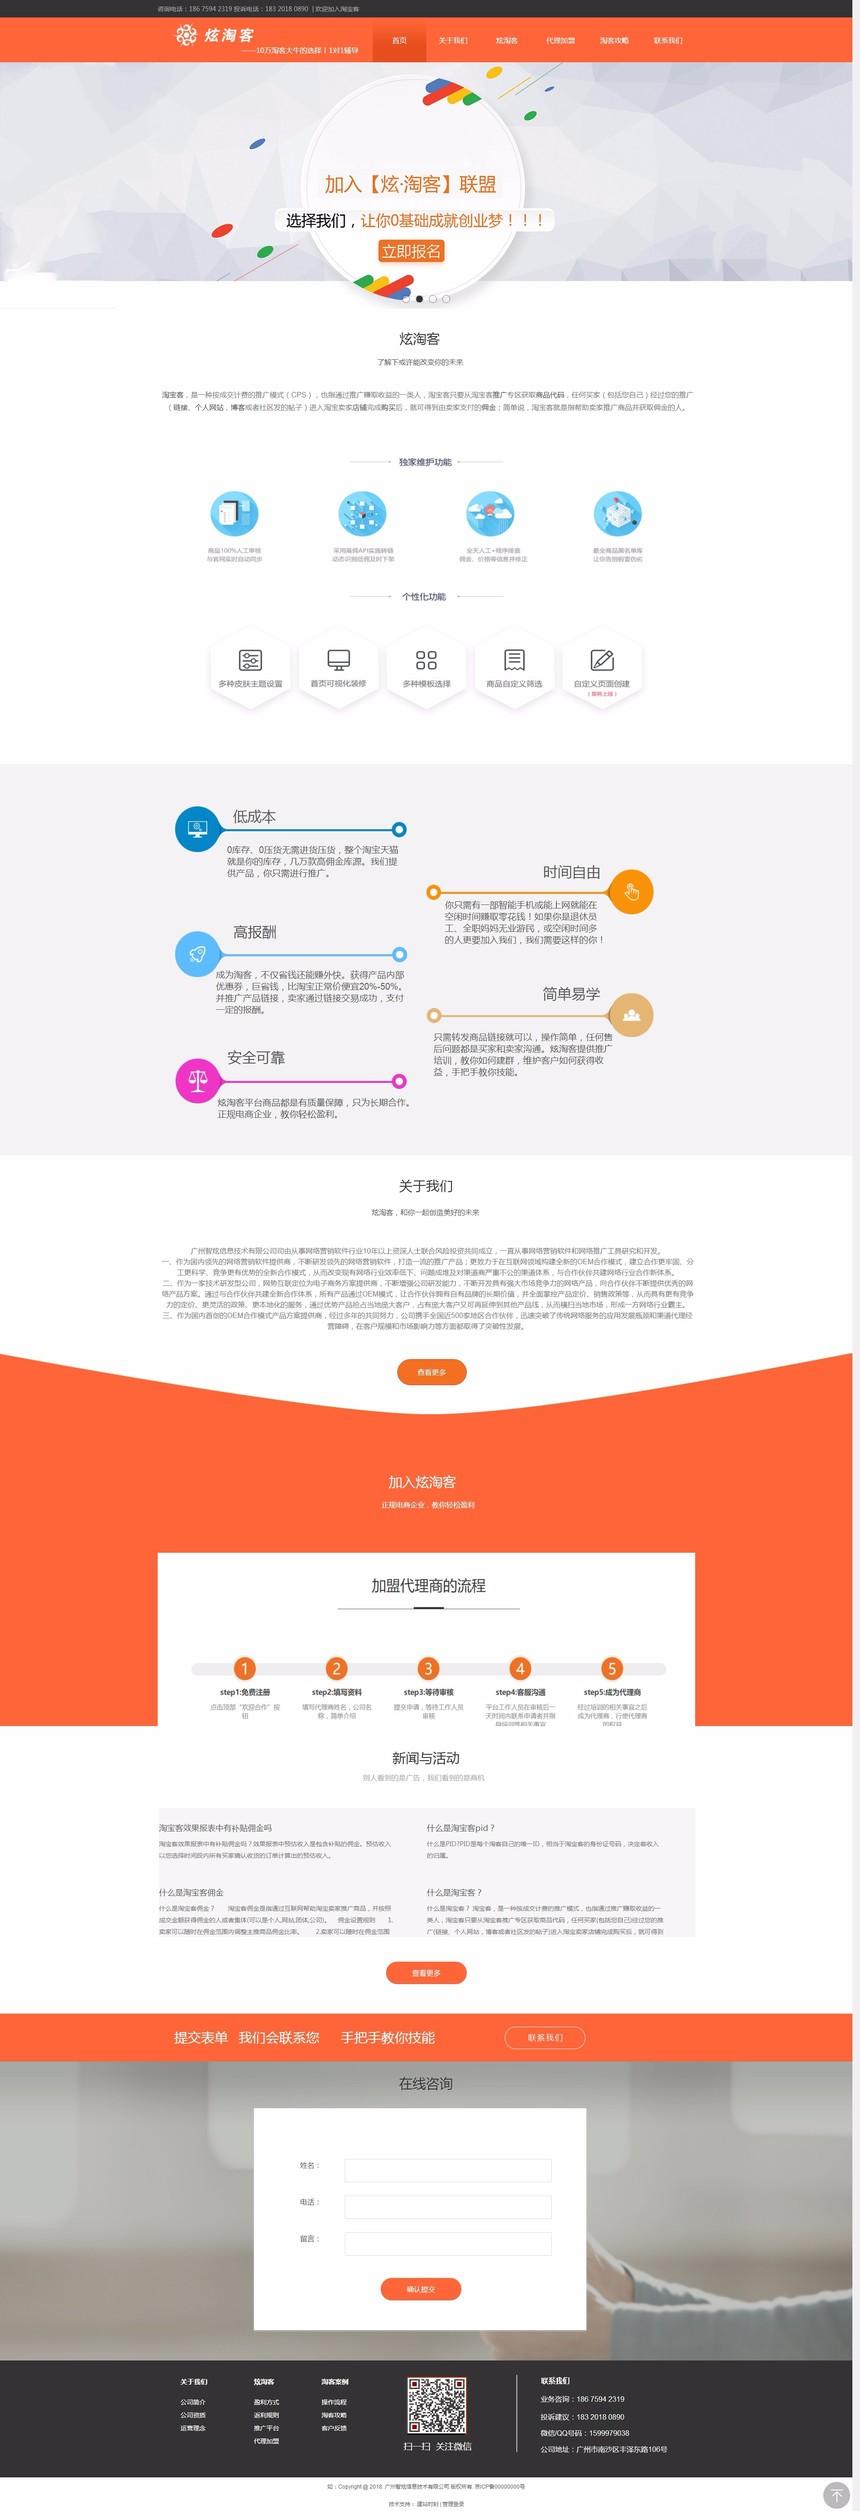 广州智炫信息技术有限公司_榆林微信小程序